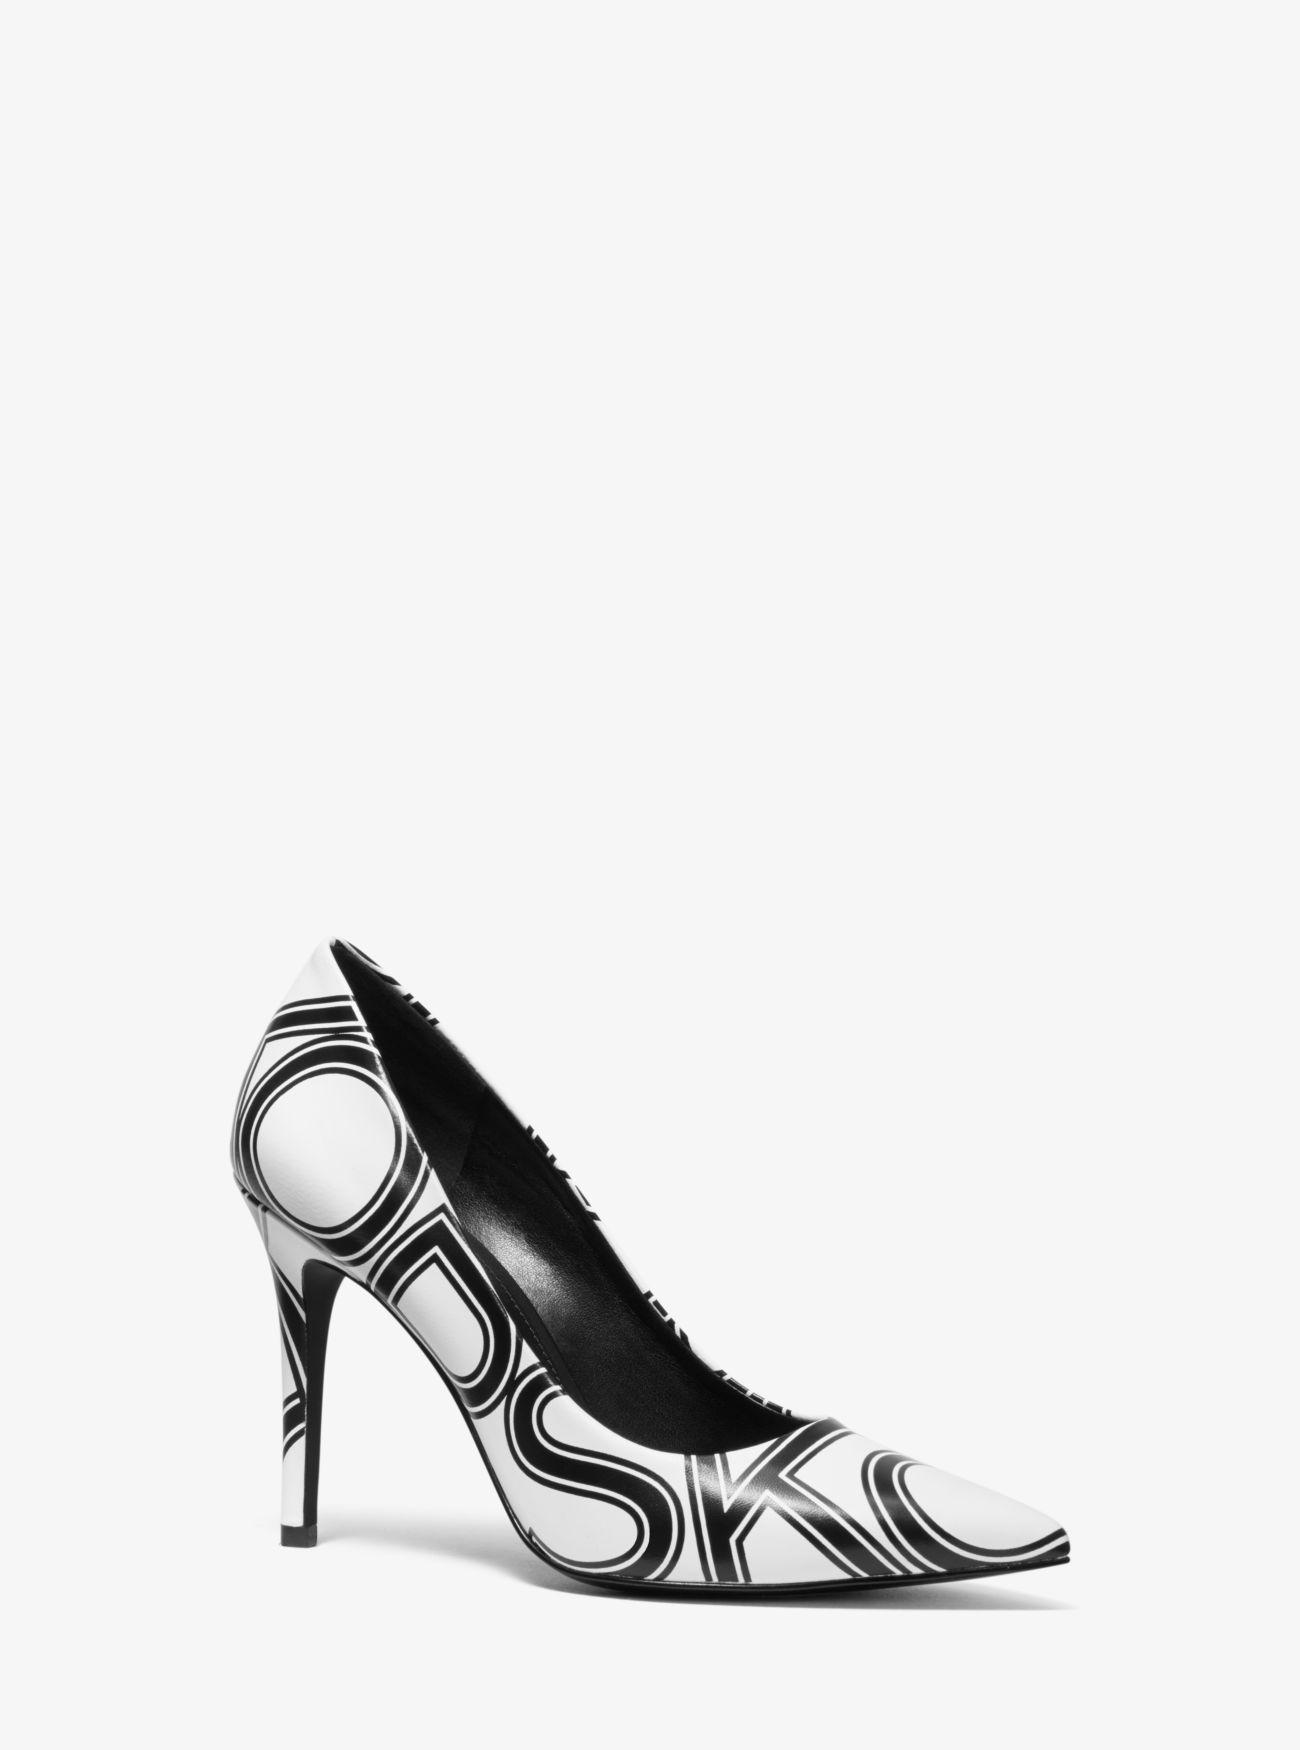 37ab6e6de1 MICHAEL Michael Kors. Women's Black Claire Graphic Logo Leather Pump